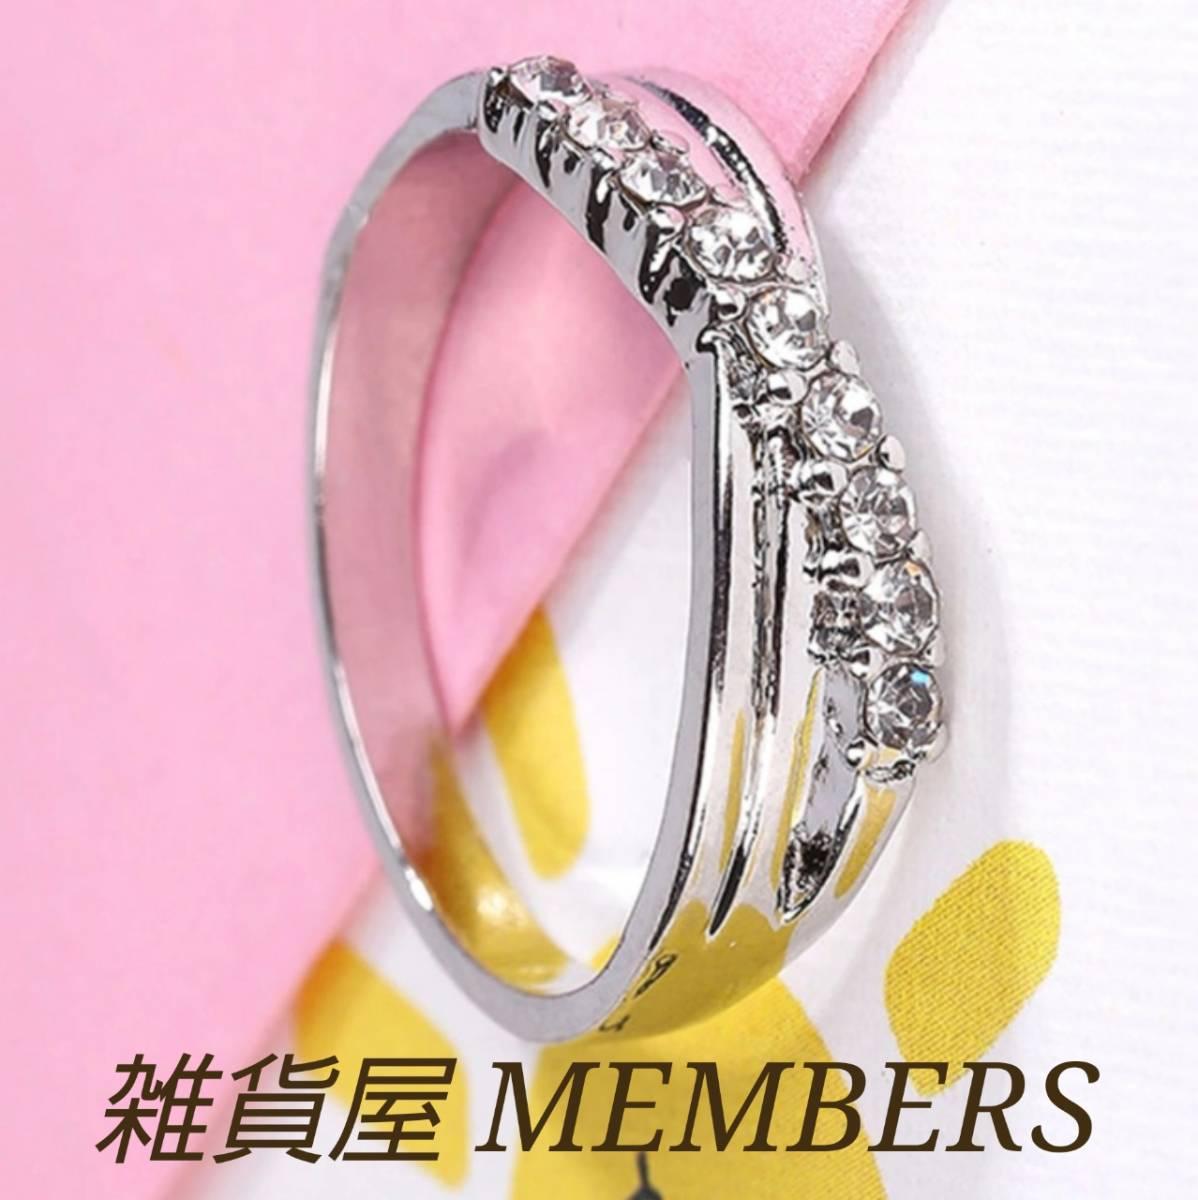 送料無料9号クロムシルバークリアスーパーCZダイヤモンドデザイナーズジュエリーインフィニティリング指輪値下げ残りわずか_画像2